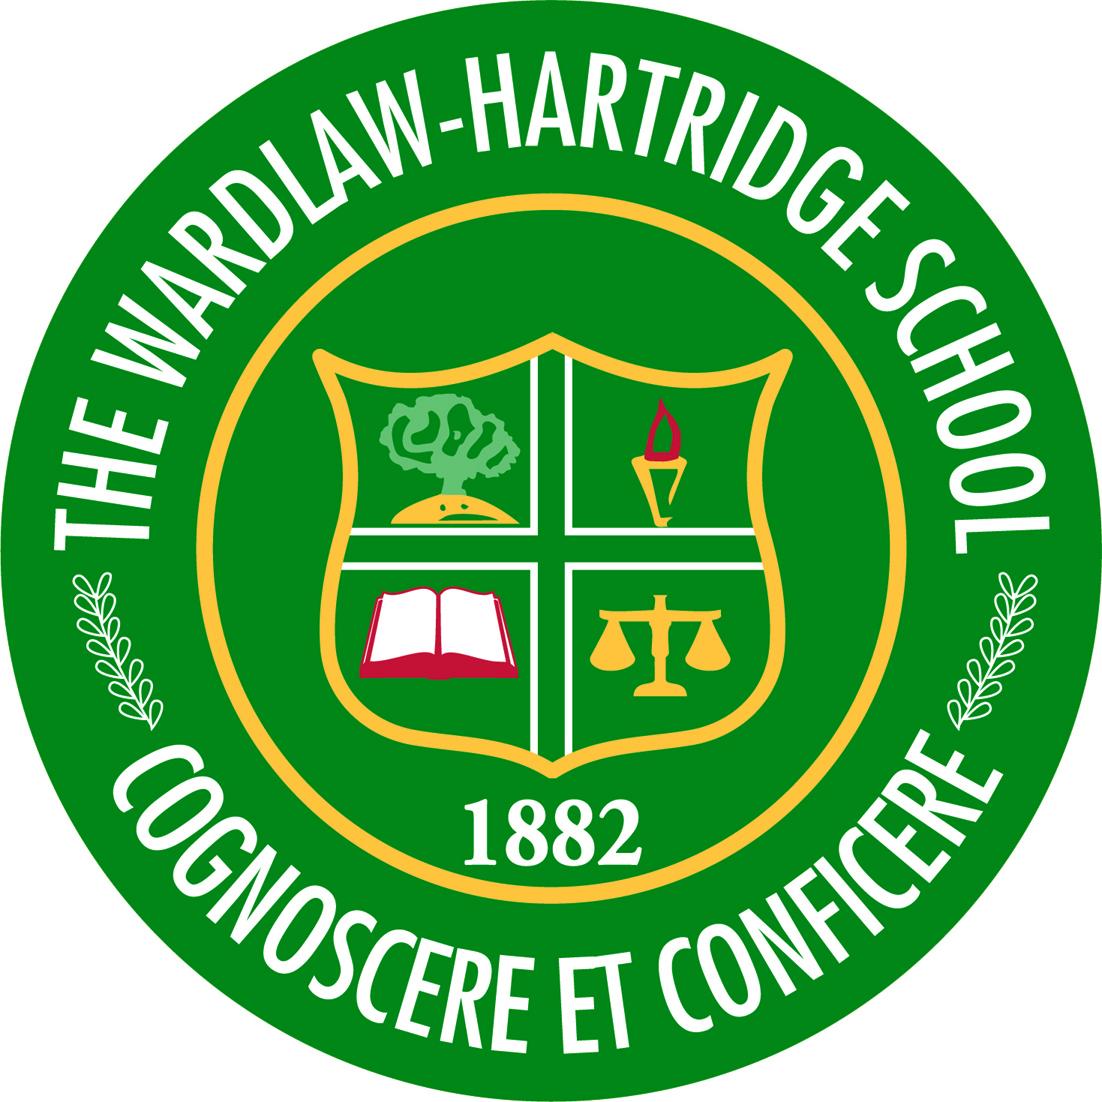 29b9ebd655fc597c9462_Wardlaw_Hartridge_logo.jpg